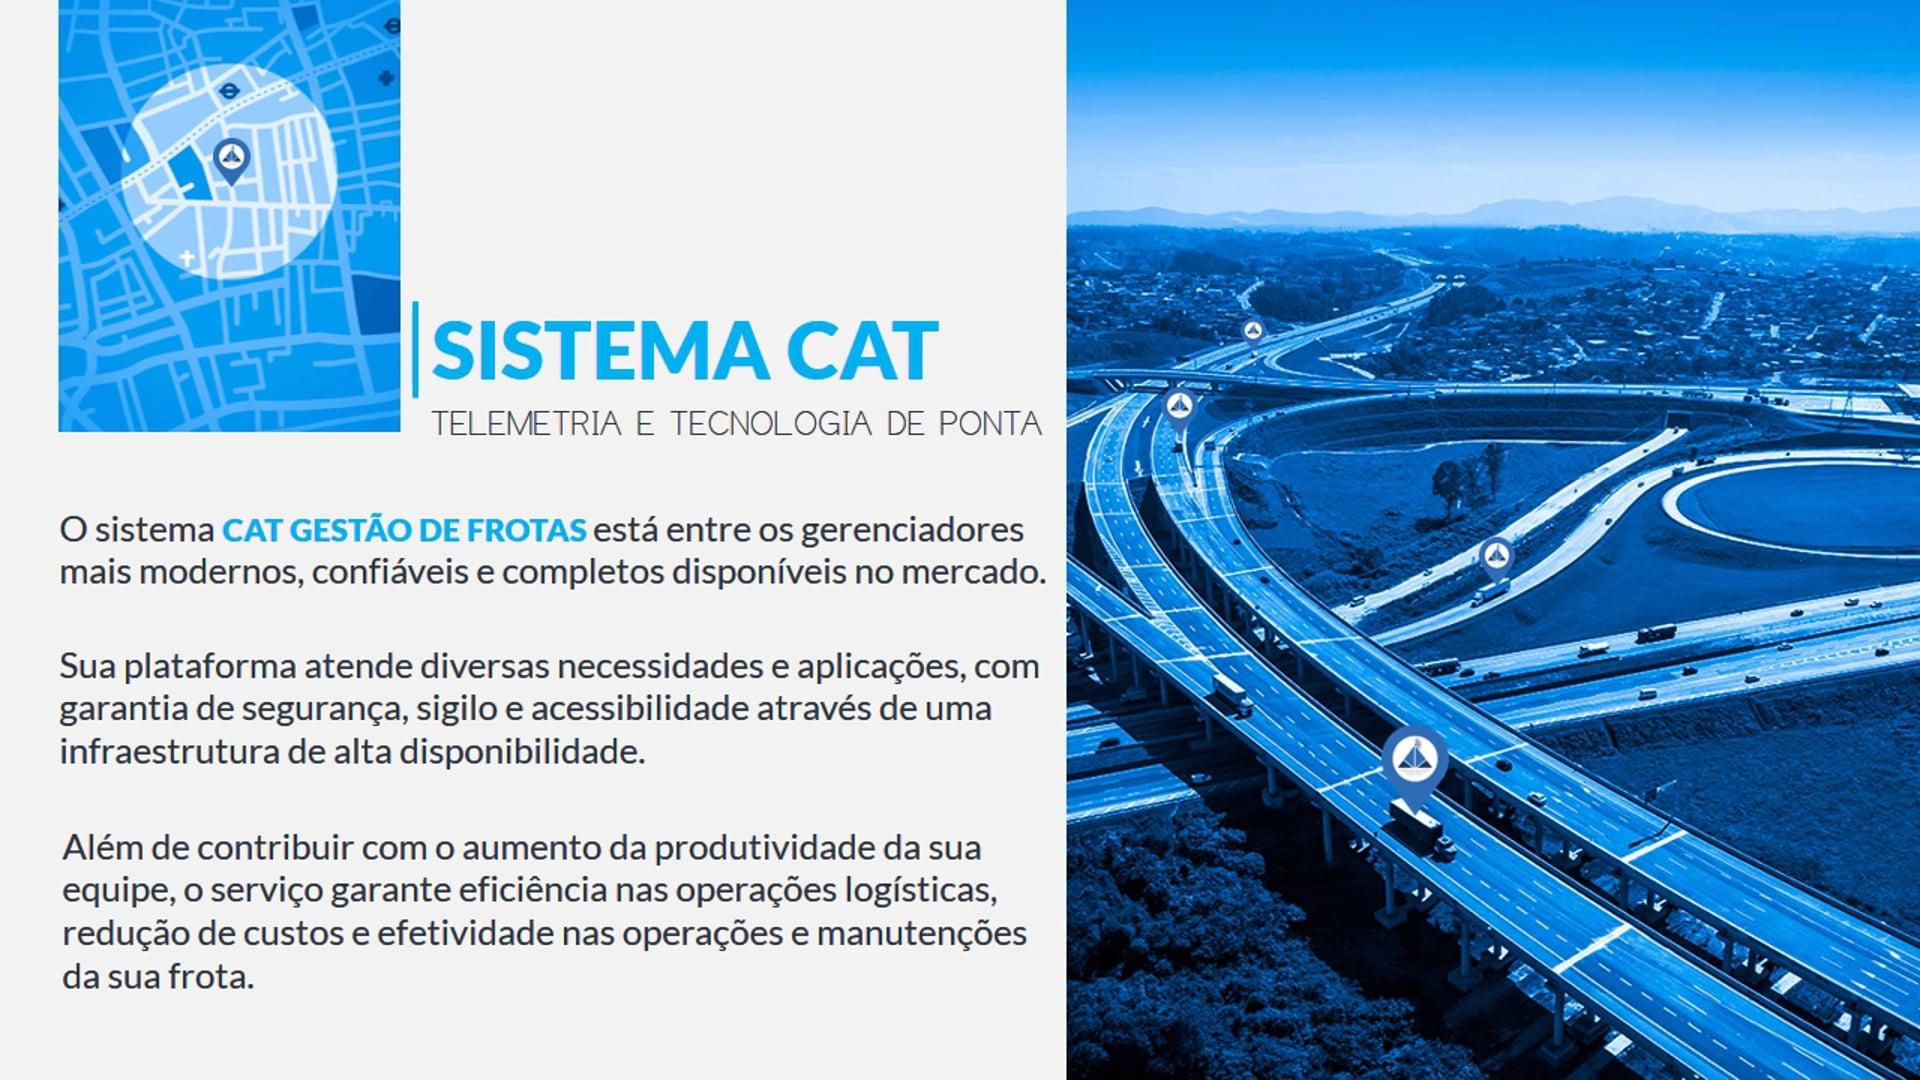 CAT Gestao de Frotas | Apresentação Corporativa